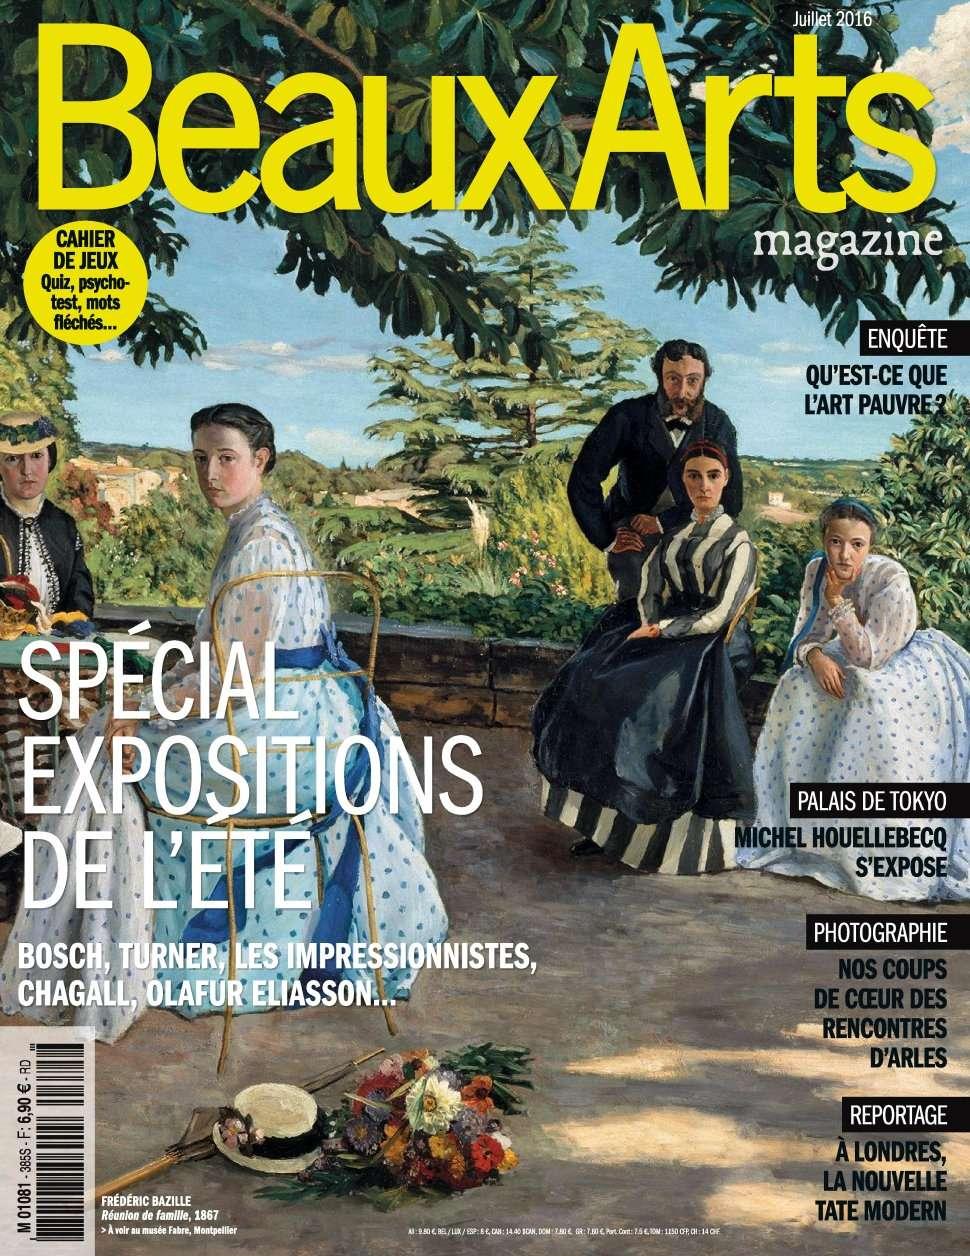 Beaux Arts magazine 385 - Juillet 2016